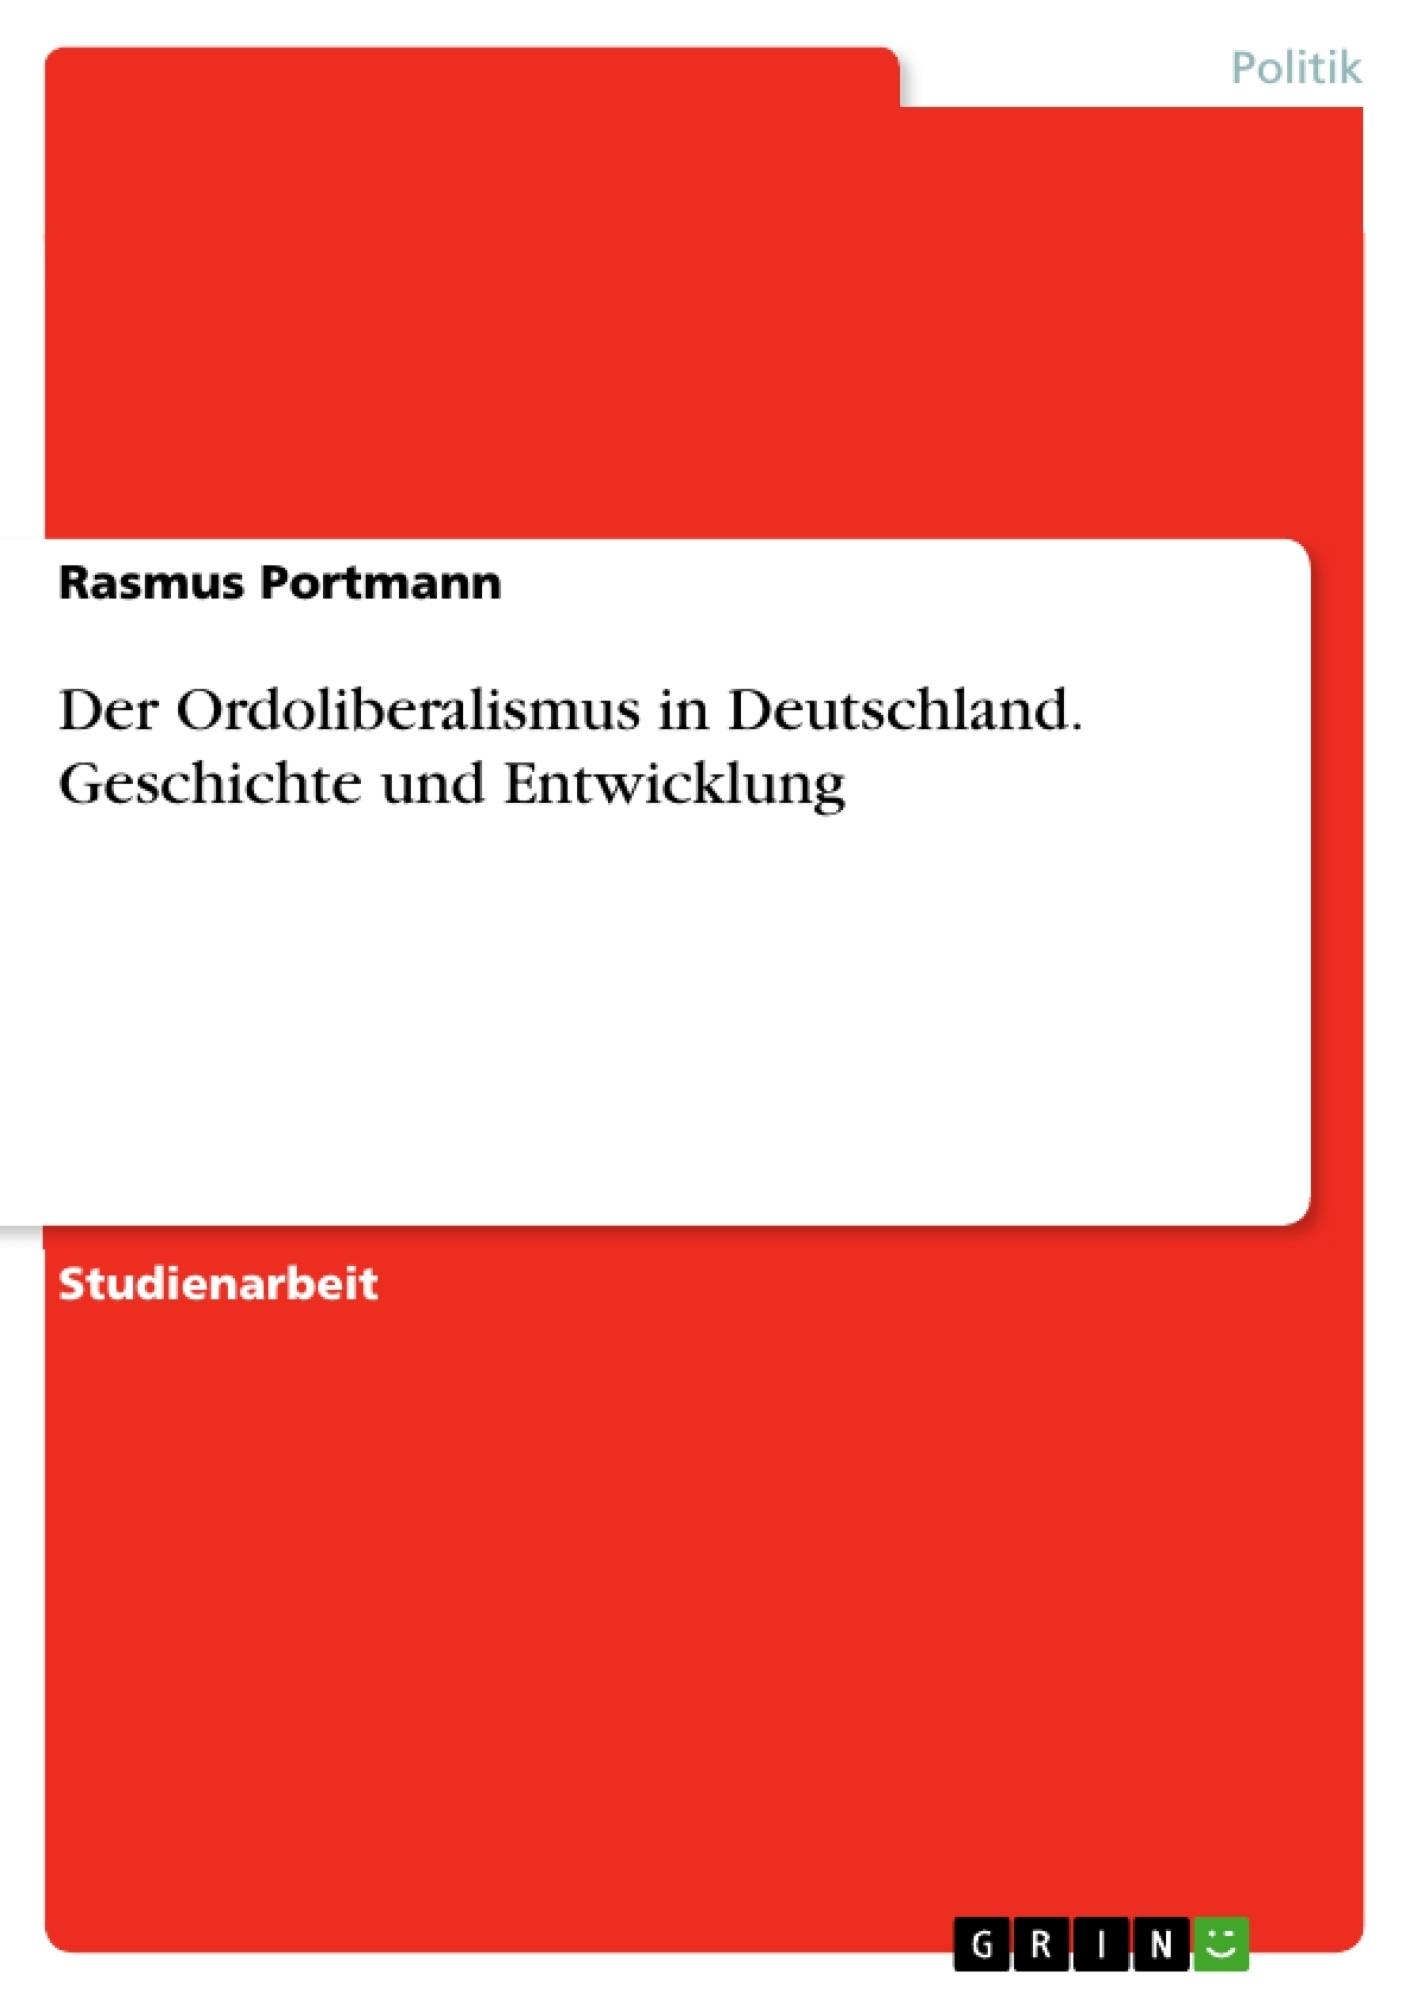 Titel: Der Ordoliberalismus in Deutschland. Geschichte und Entwicklung